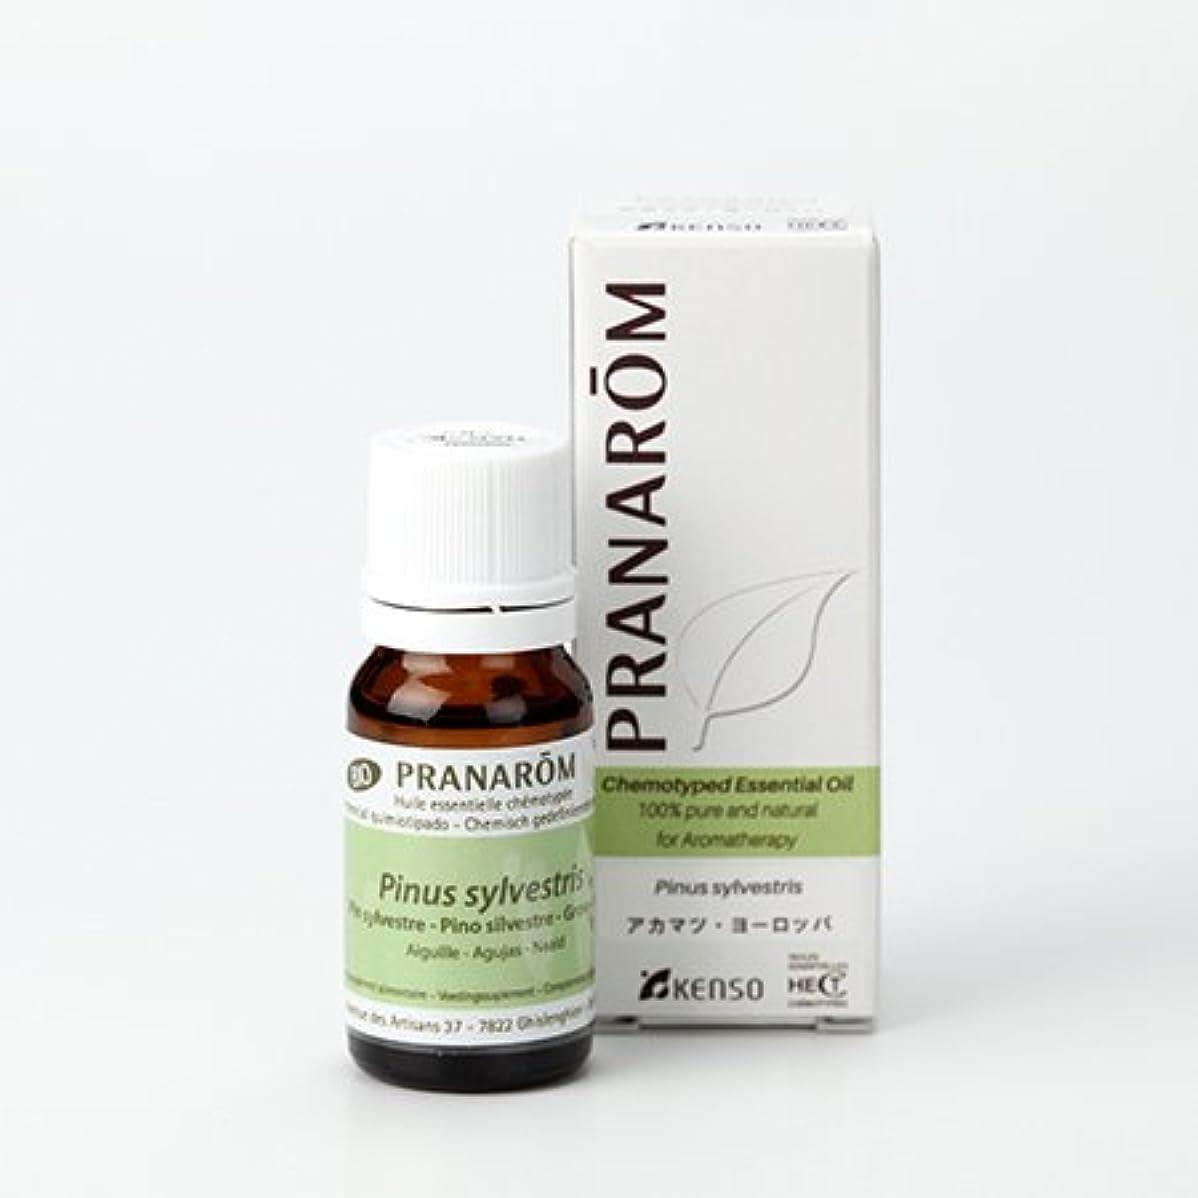 憧れビザ遅いプラナロム ( PRANAROM ) 精油 アカマツ?ヨーロッパ 10ml p-152 アカマツヨーロッパ